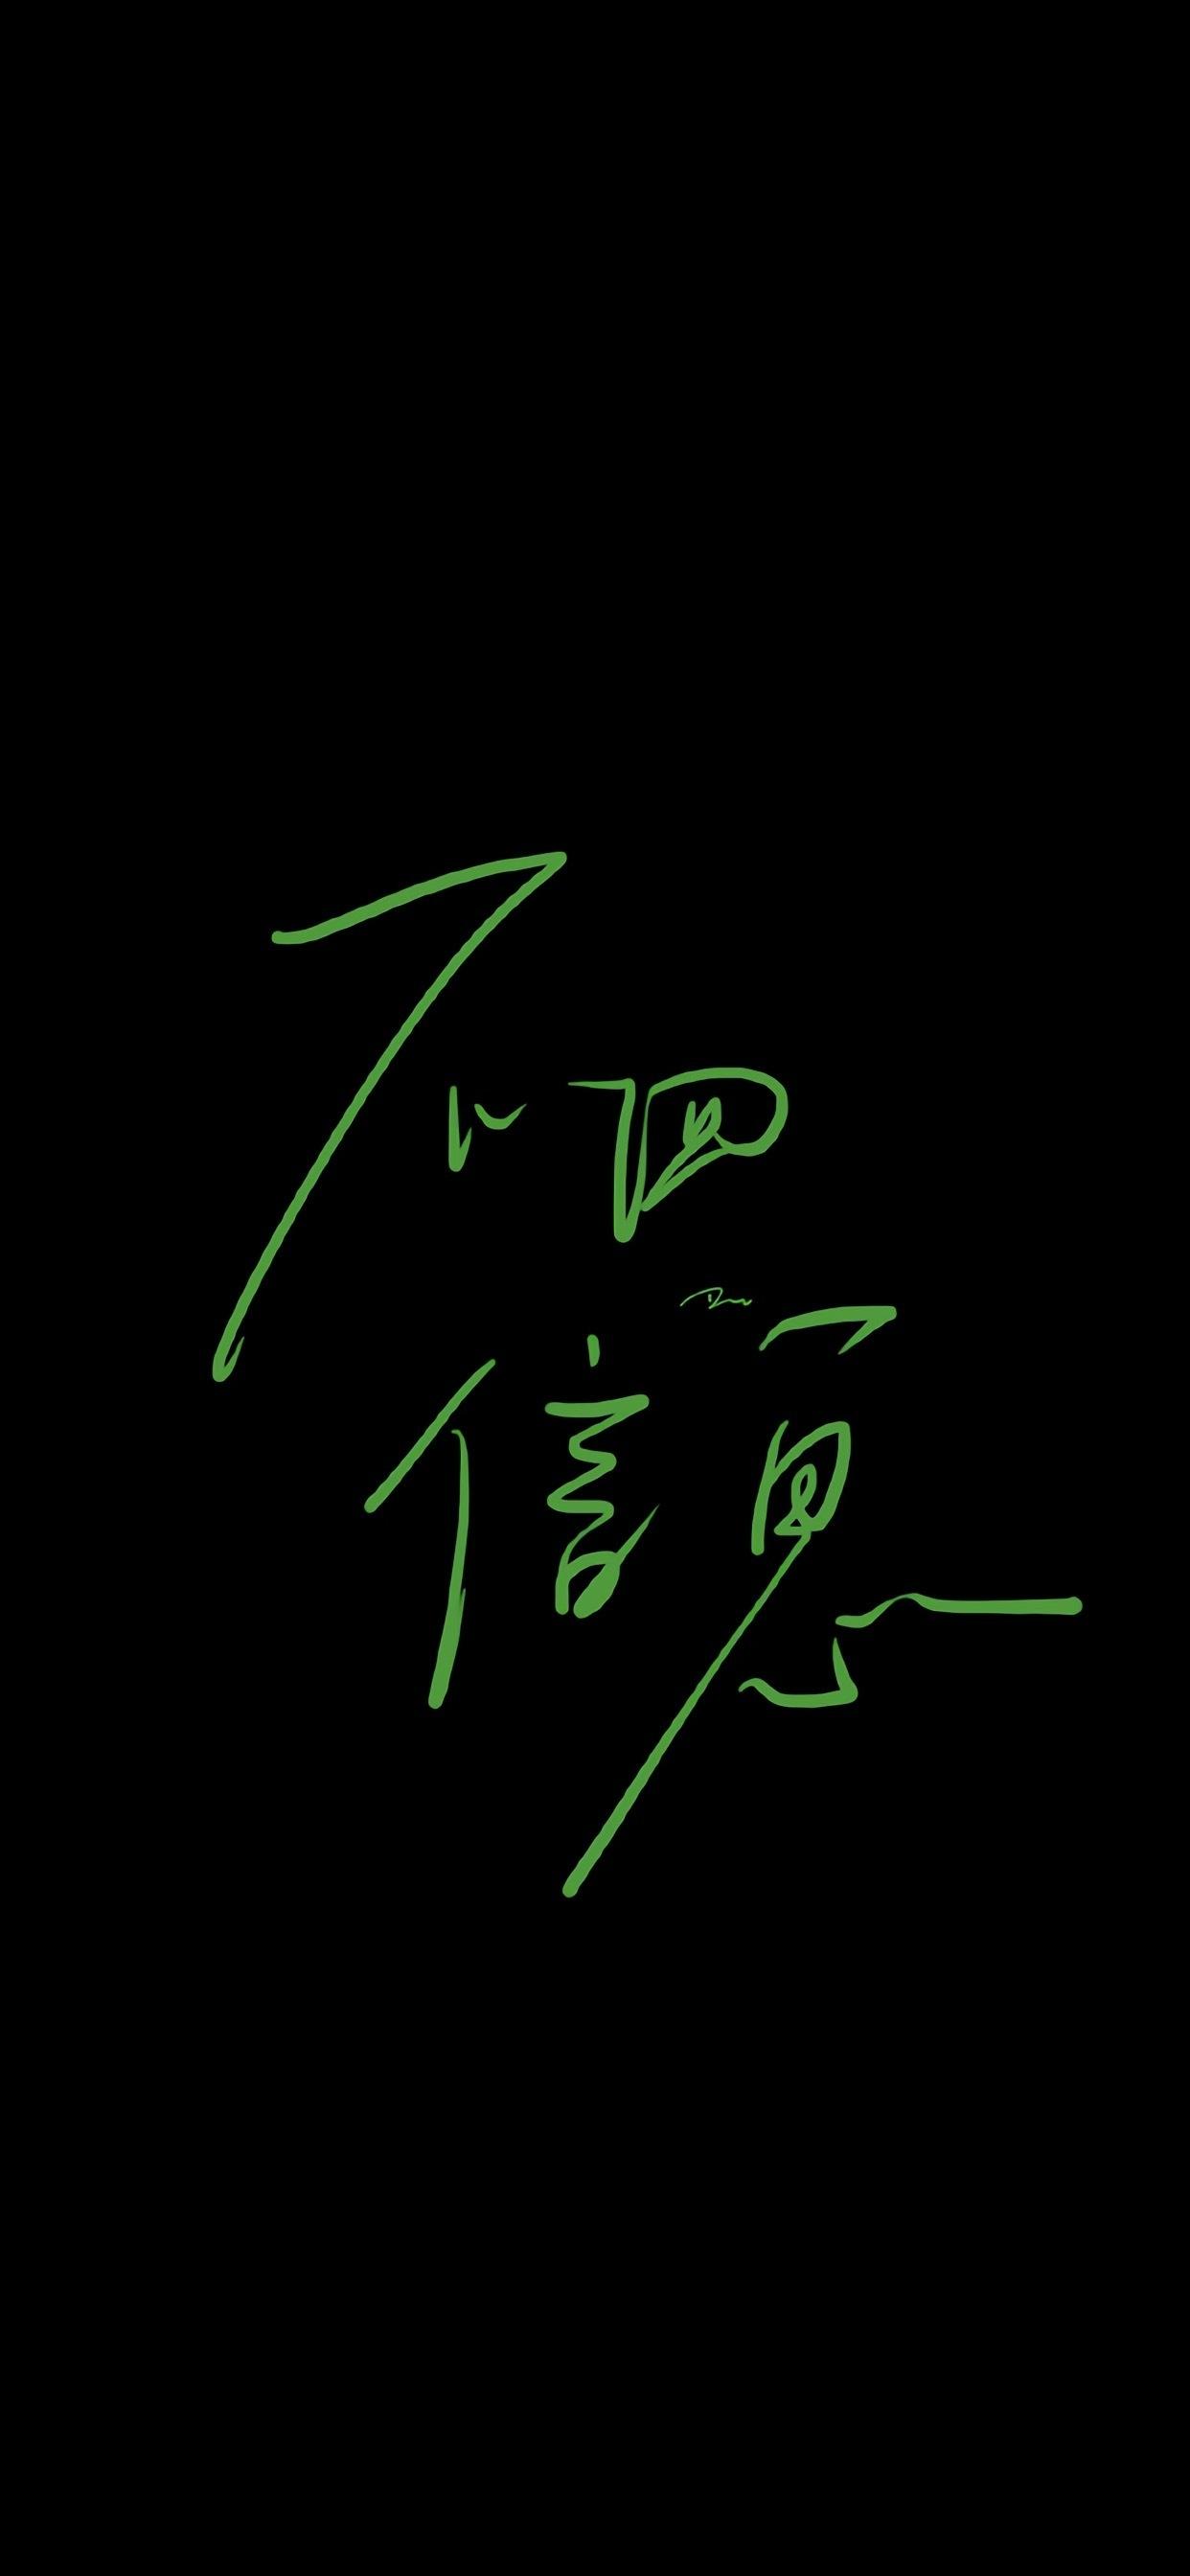 手写创意文字控手机壁纸